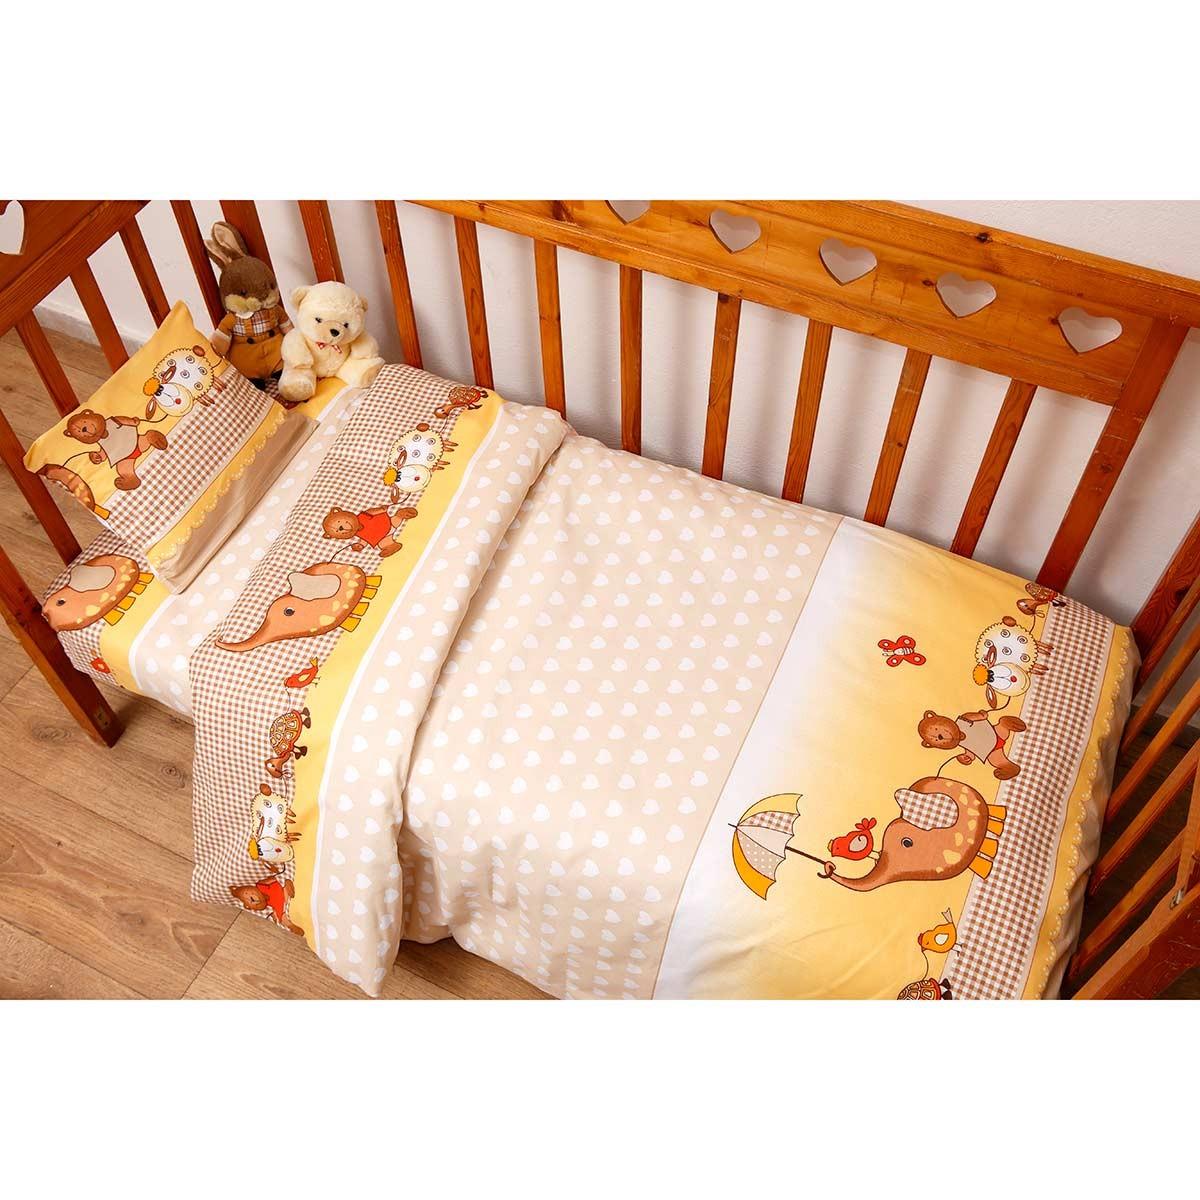 Παπλωματοθήκη Κούνιας (Σετ) Viopros Baby Cotton Χάρι